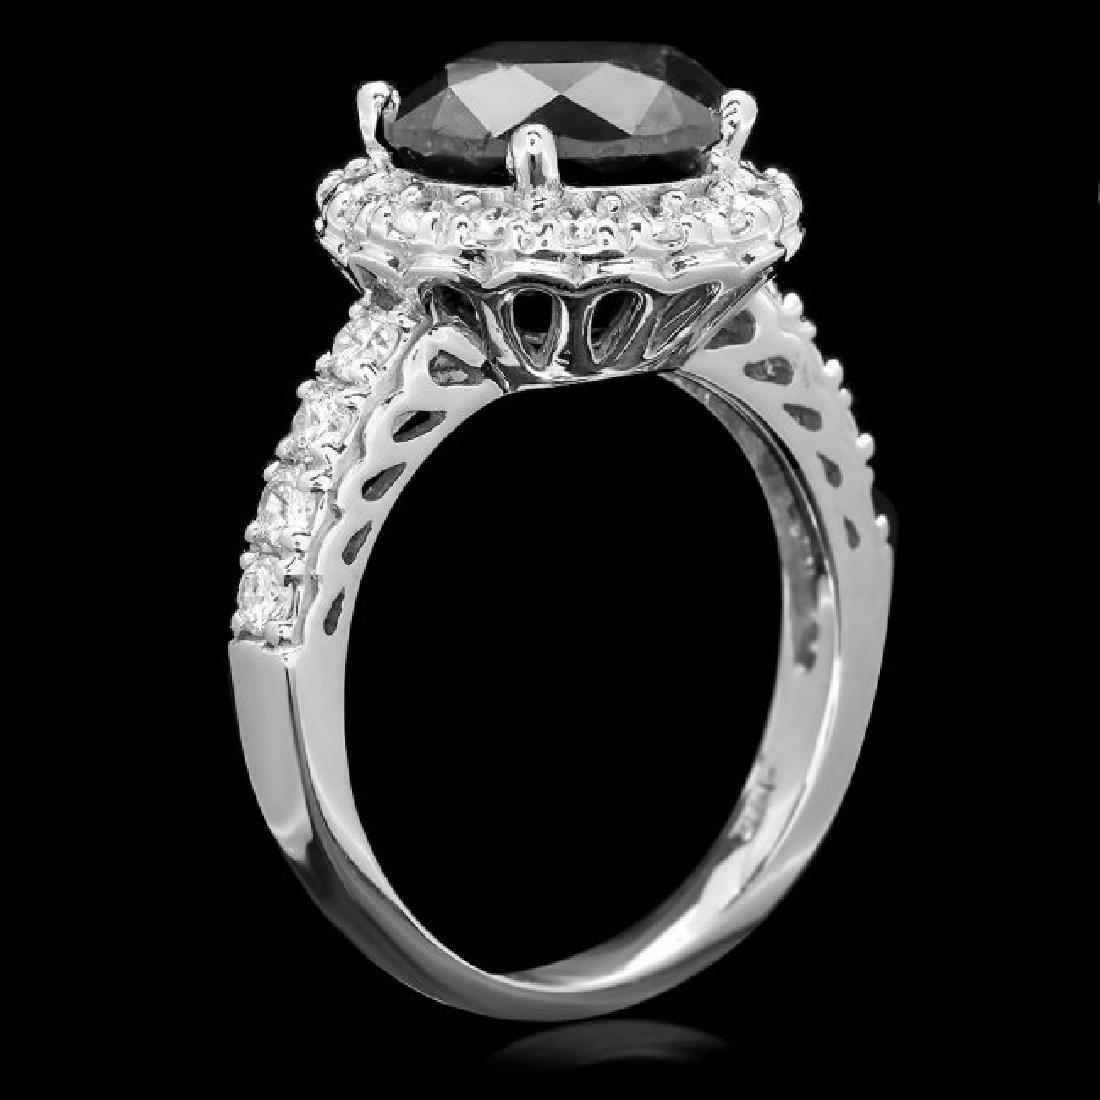 14k White Gold 4.35ct Diamond Ring - 3